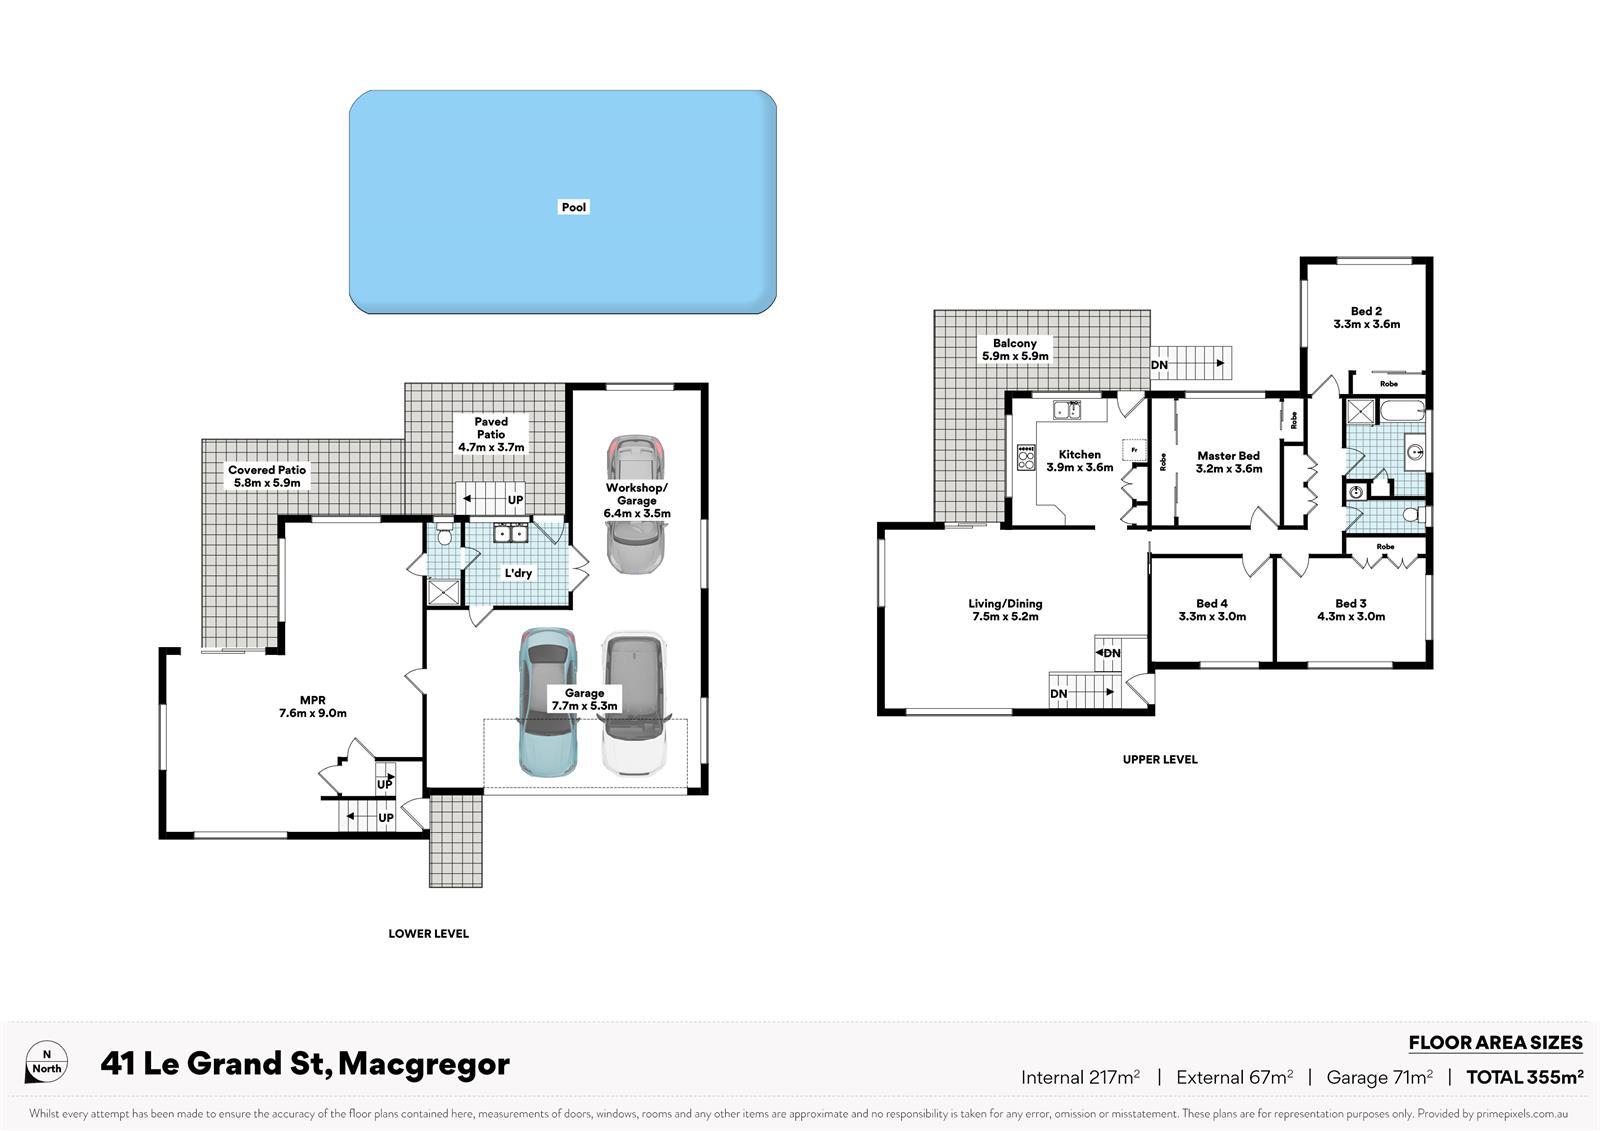 41 Le Grand St MACGREGOR QLD 4109 Floorplan 1